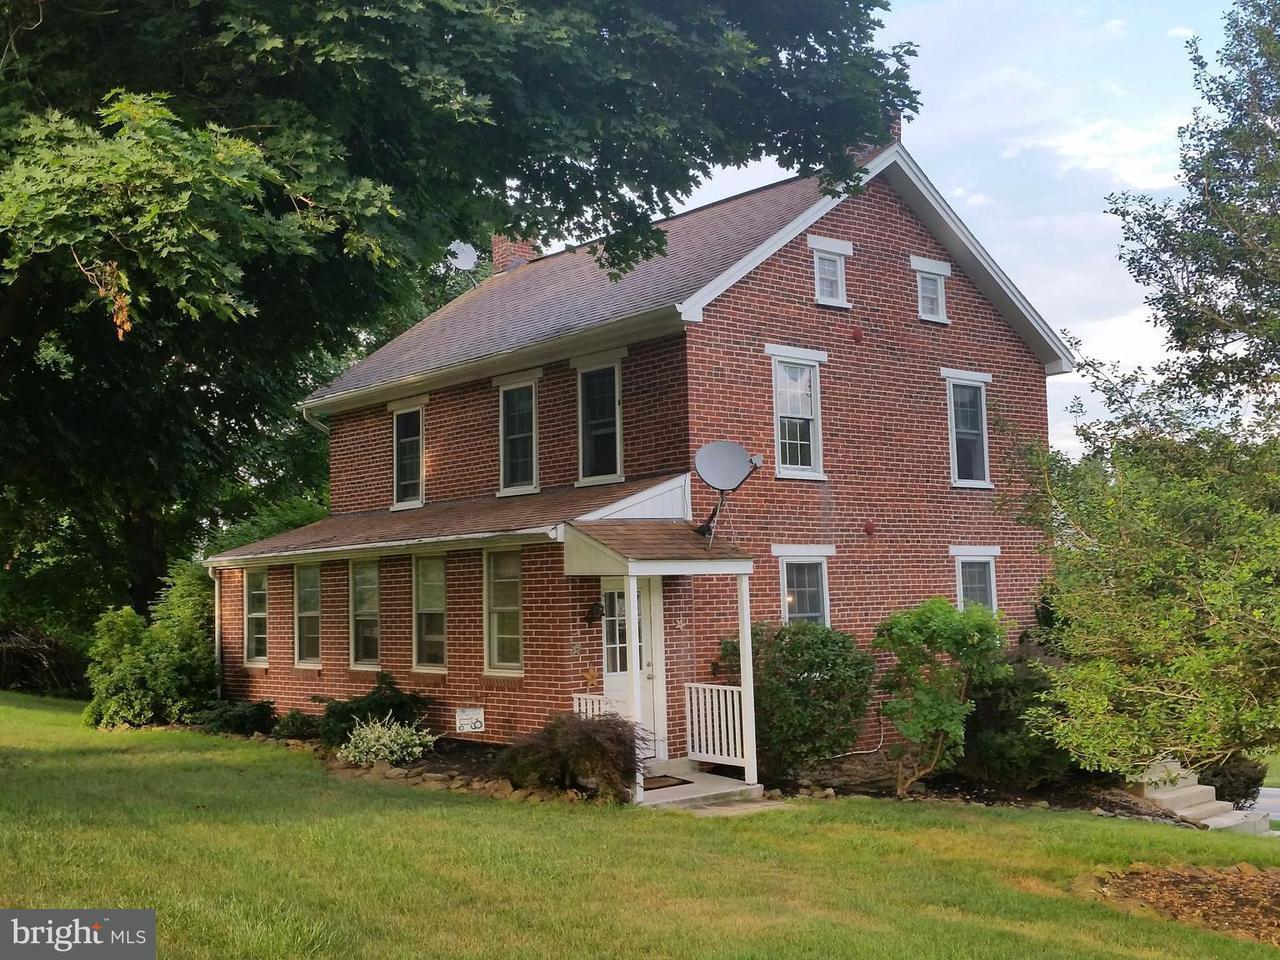 Farm / Hof für Verkauf beim 5048 HILDEBRAND Road 5048 HILDEBRAND Road Glen Rock, Pennsylvanien 17327 Vereinigte Staaten